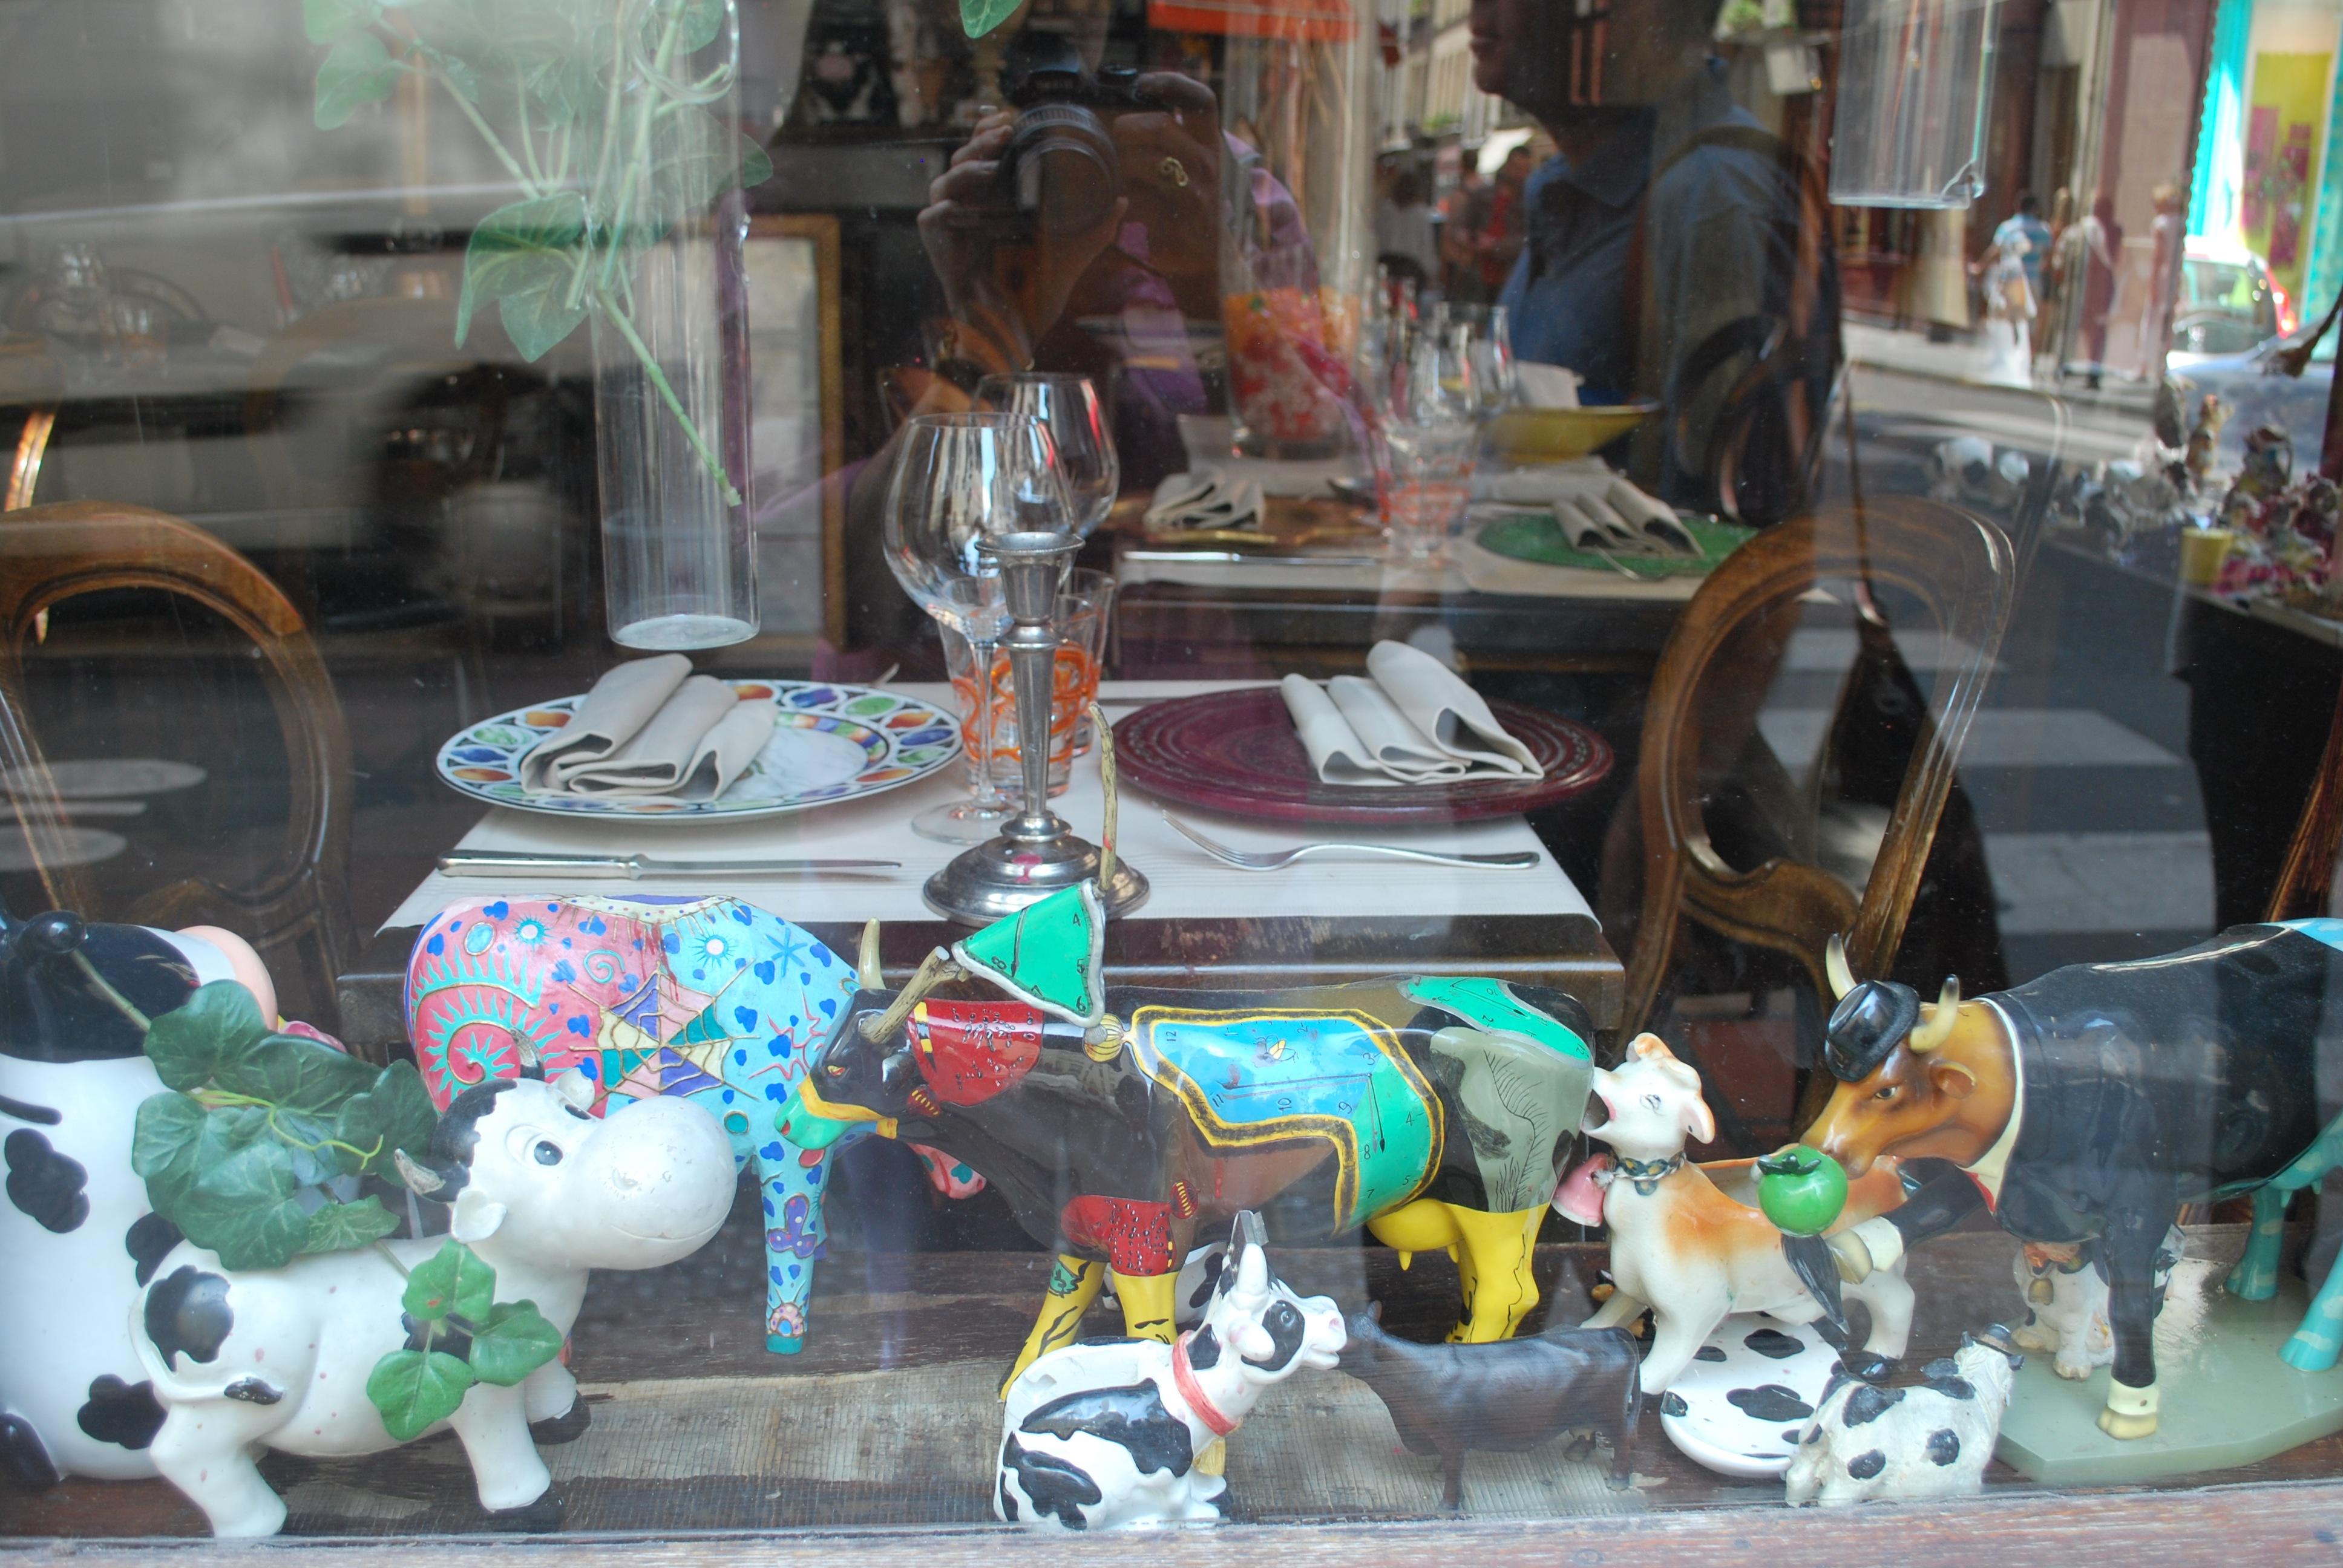 cow-sculpture-collection-paris-ile-st-louis